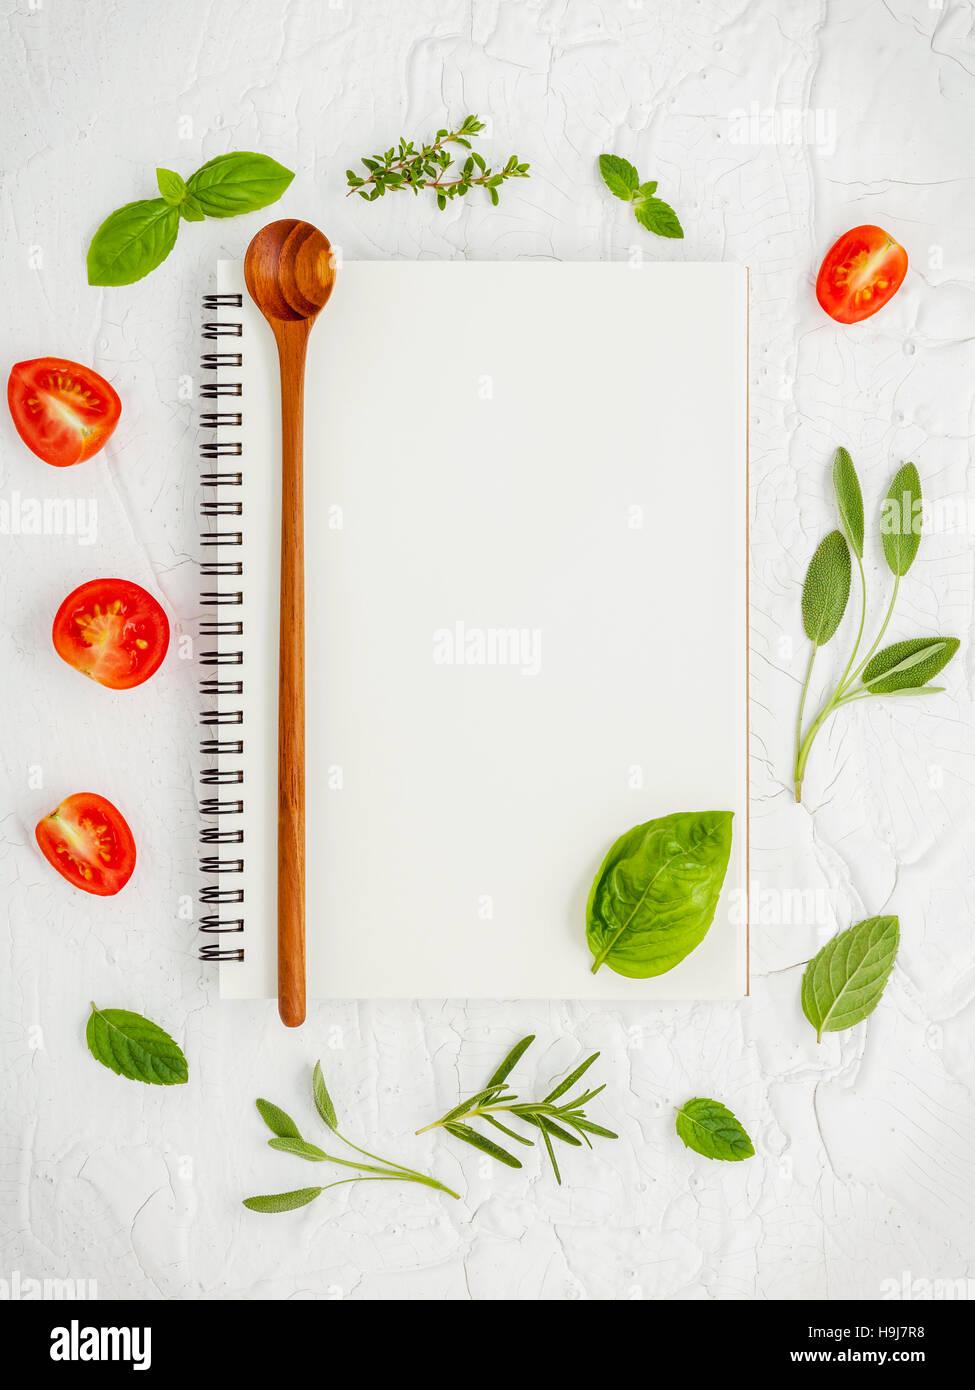 foods background and food menu design . various herbs ingredient